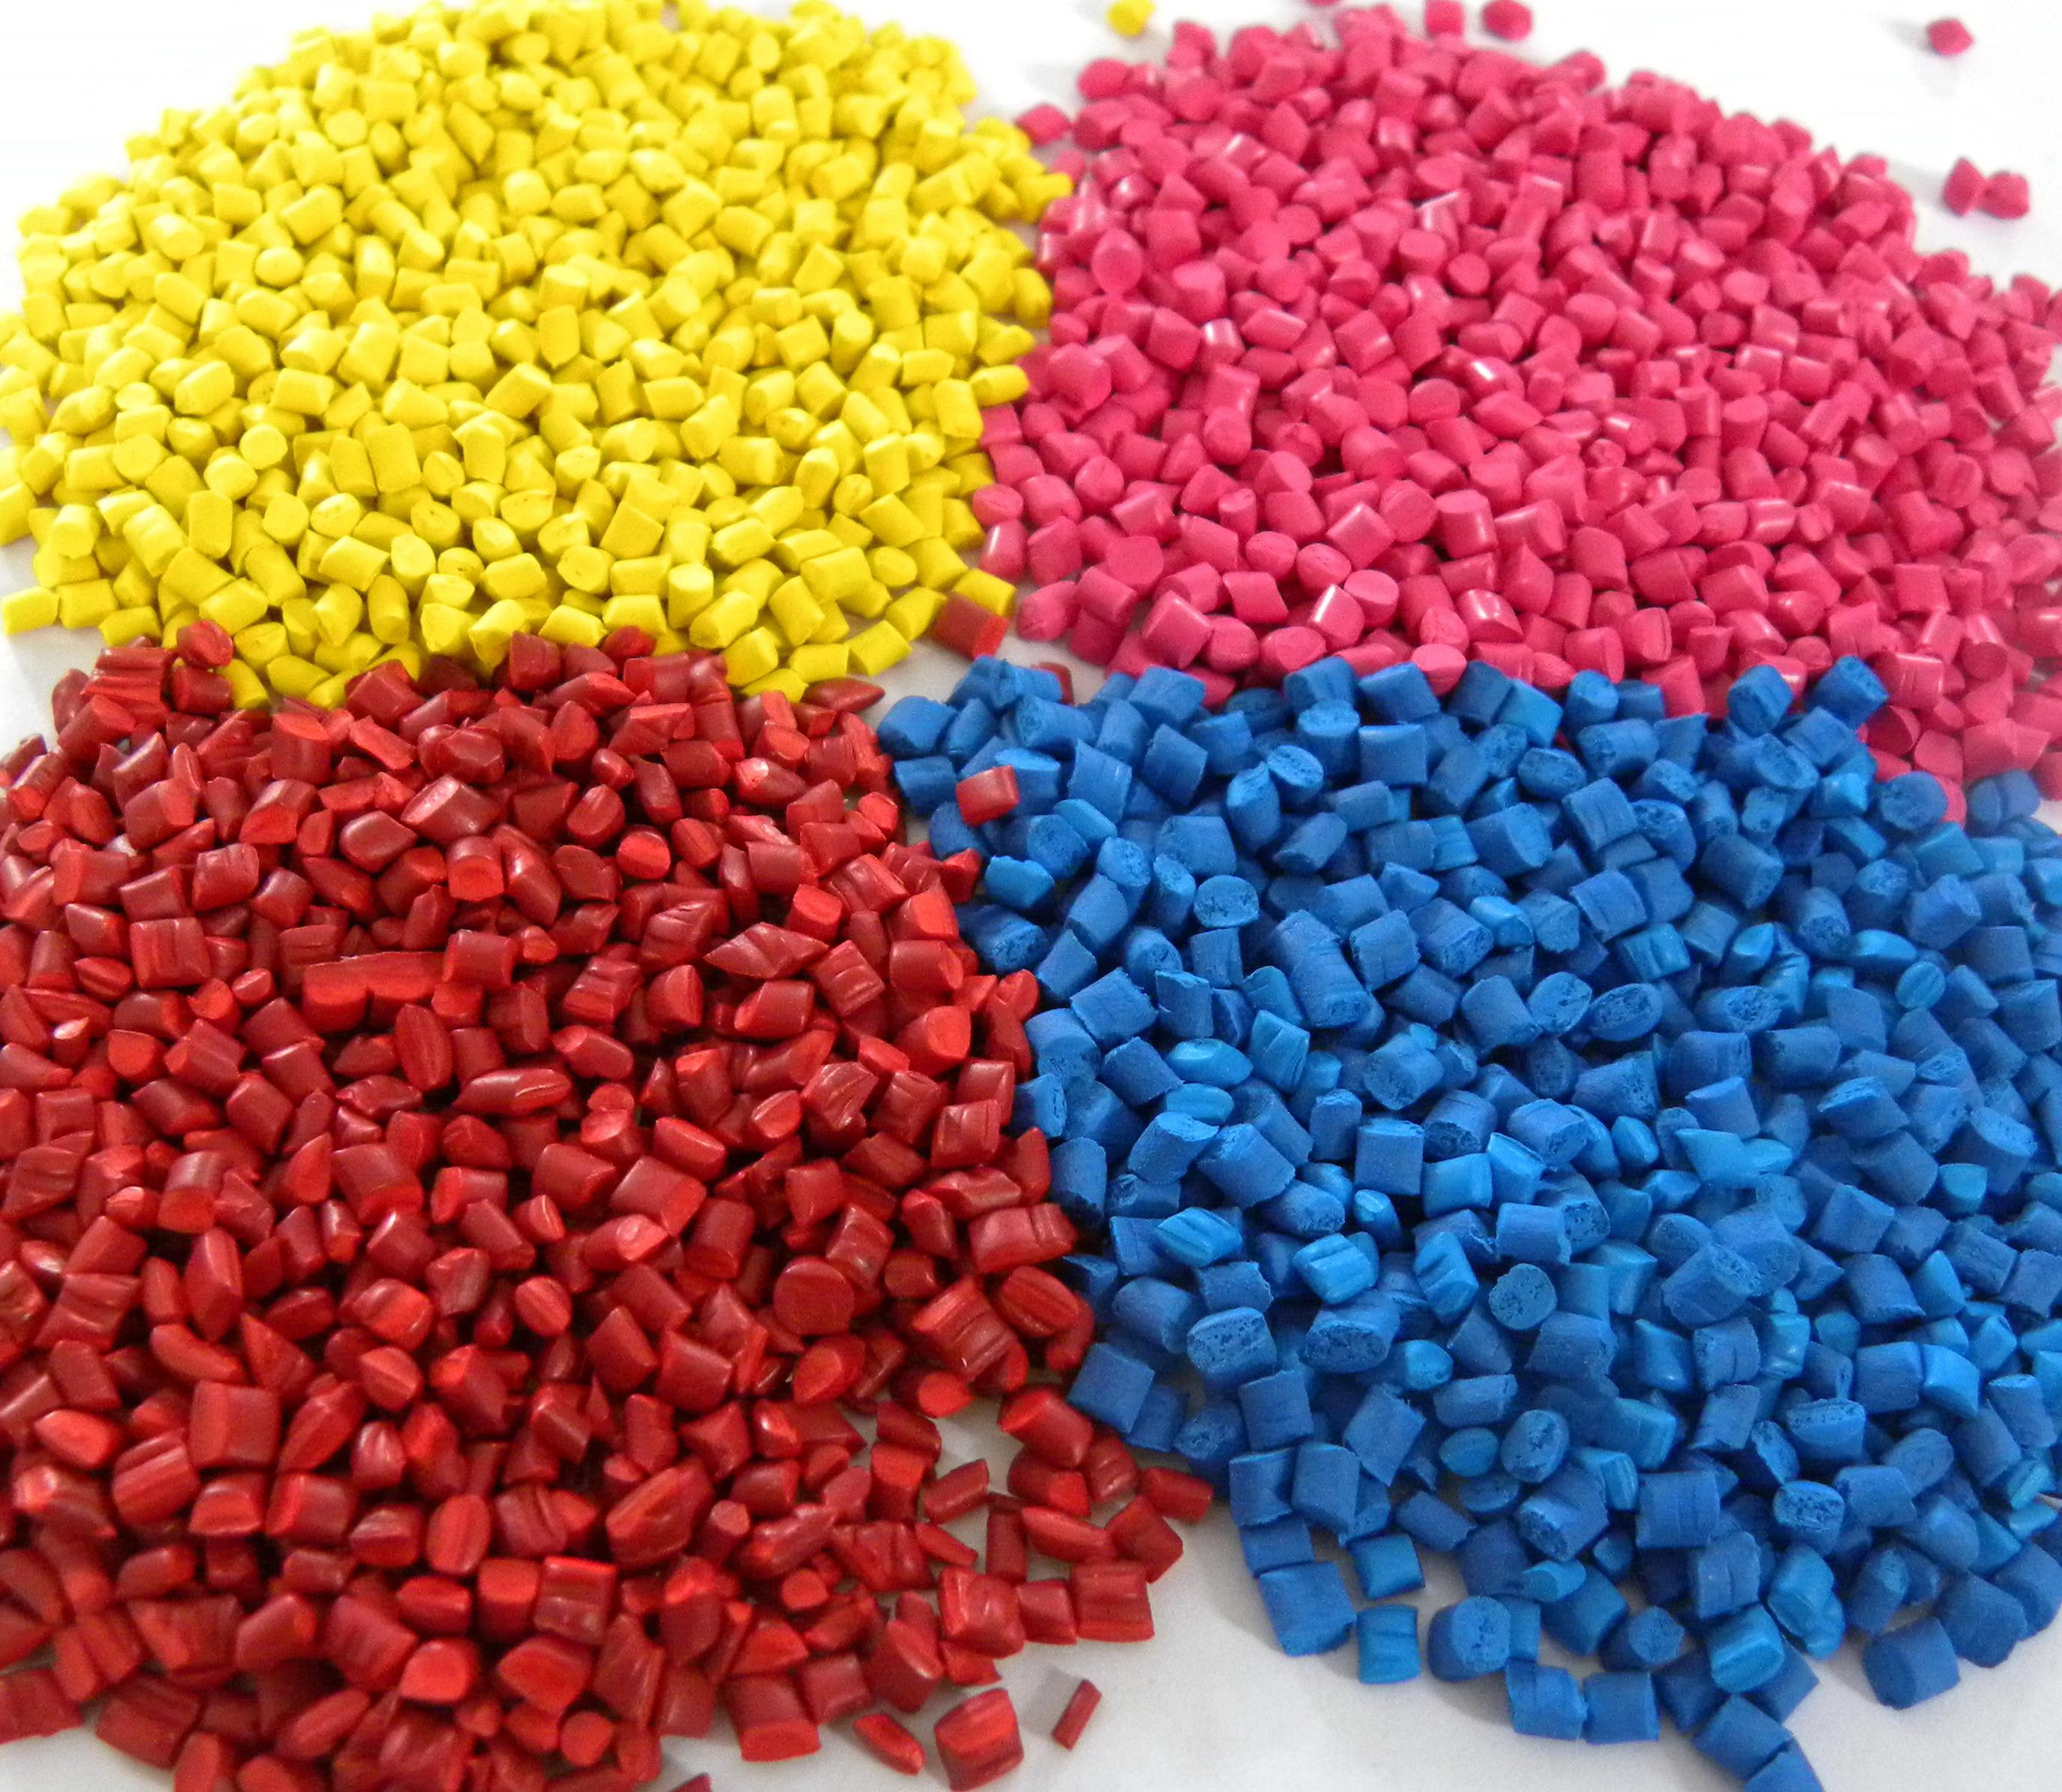 PRODUZIONE ARTICOLI PLASTICA COSMETICA STAMPAGGIO MATERIE PLASTICHE INJECTION MOLDING PRODUCTION ABRUZZO ITALY FARMACEUTICA ALIMENTARE AUTOMOTIVE ELETTRONICA GIOCATTOLI SERRAMENTI